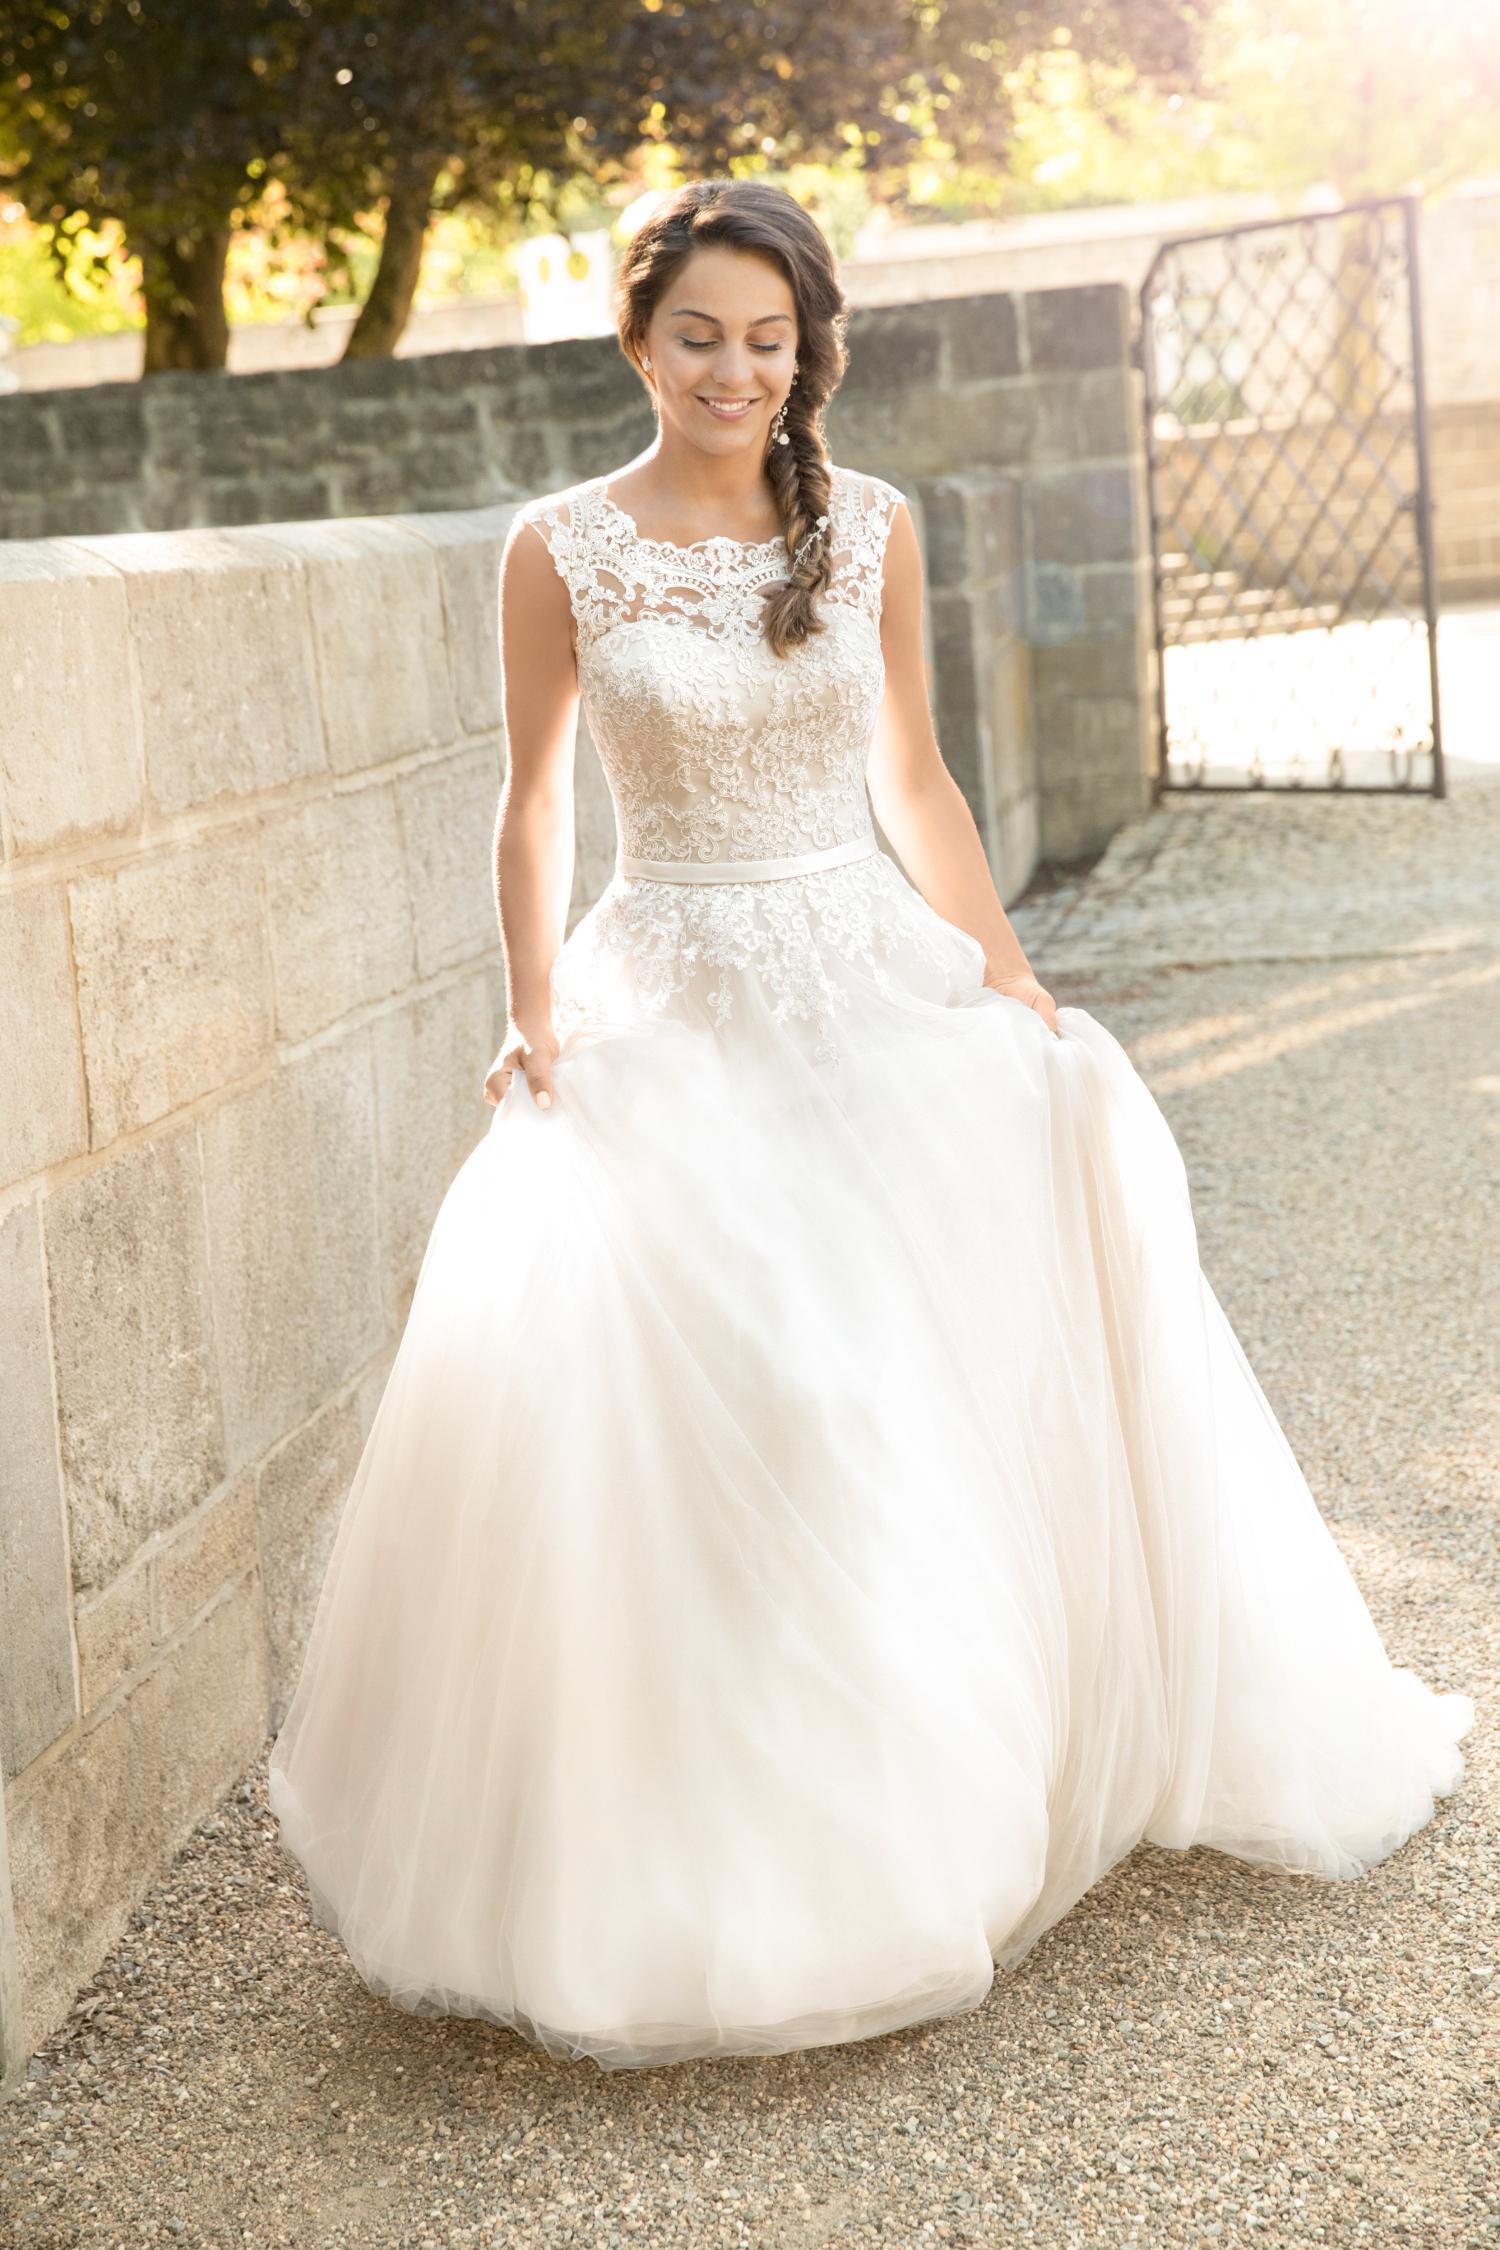 Das Kleemeier Brautkleid 2018 - Heiraten & Hochzeit